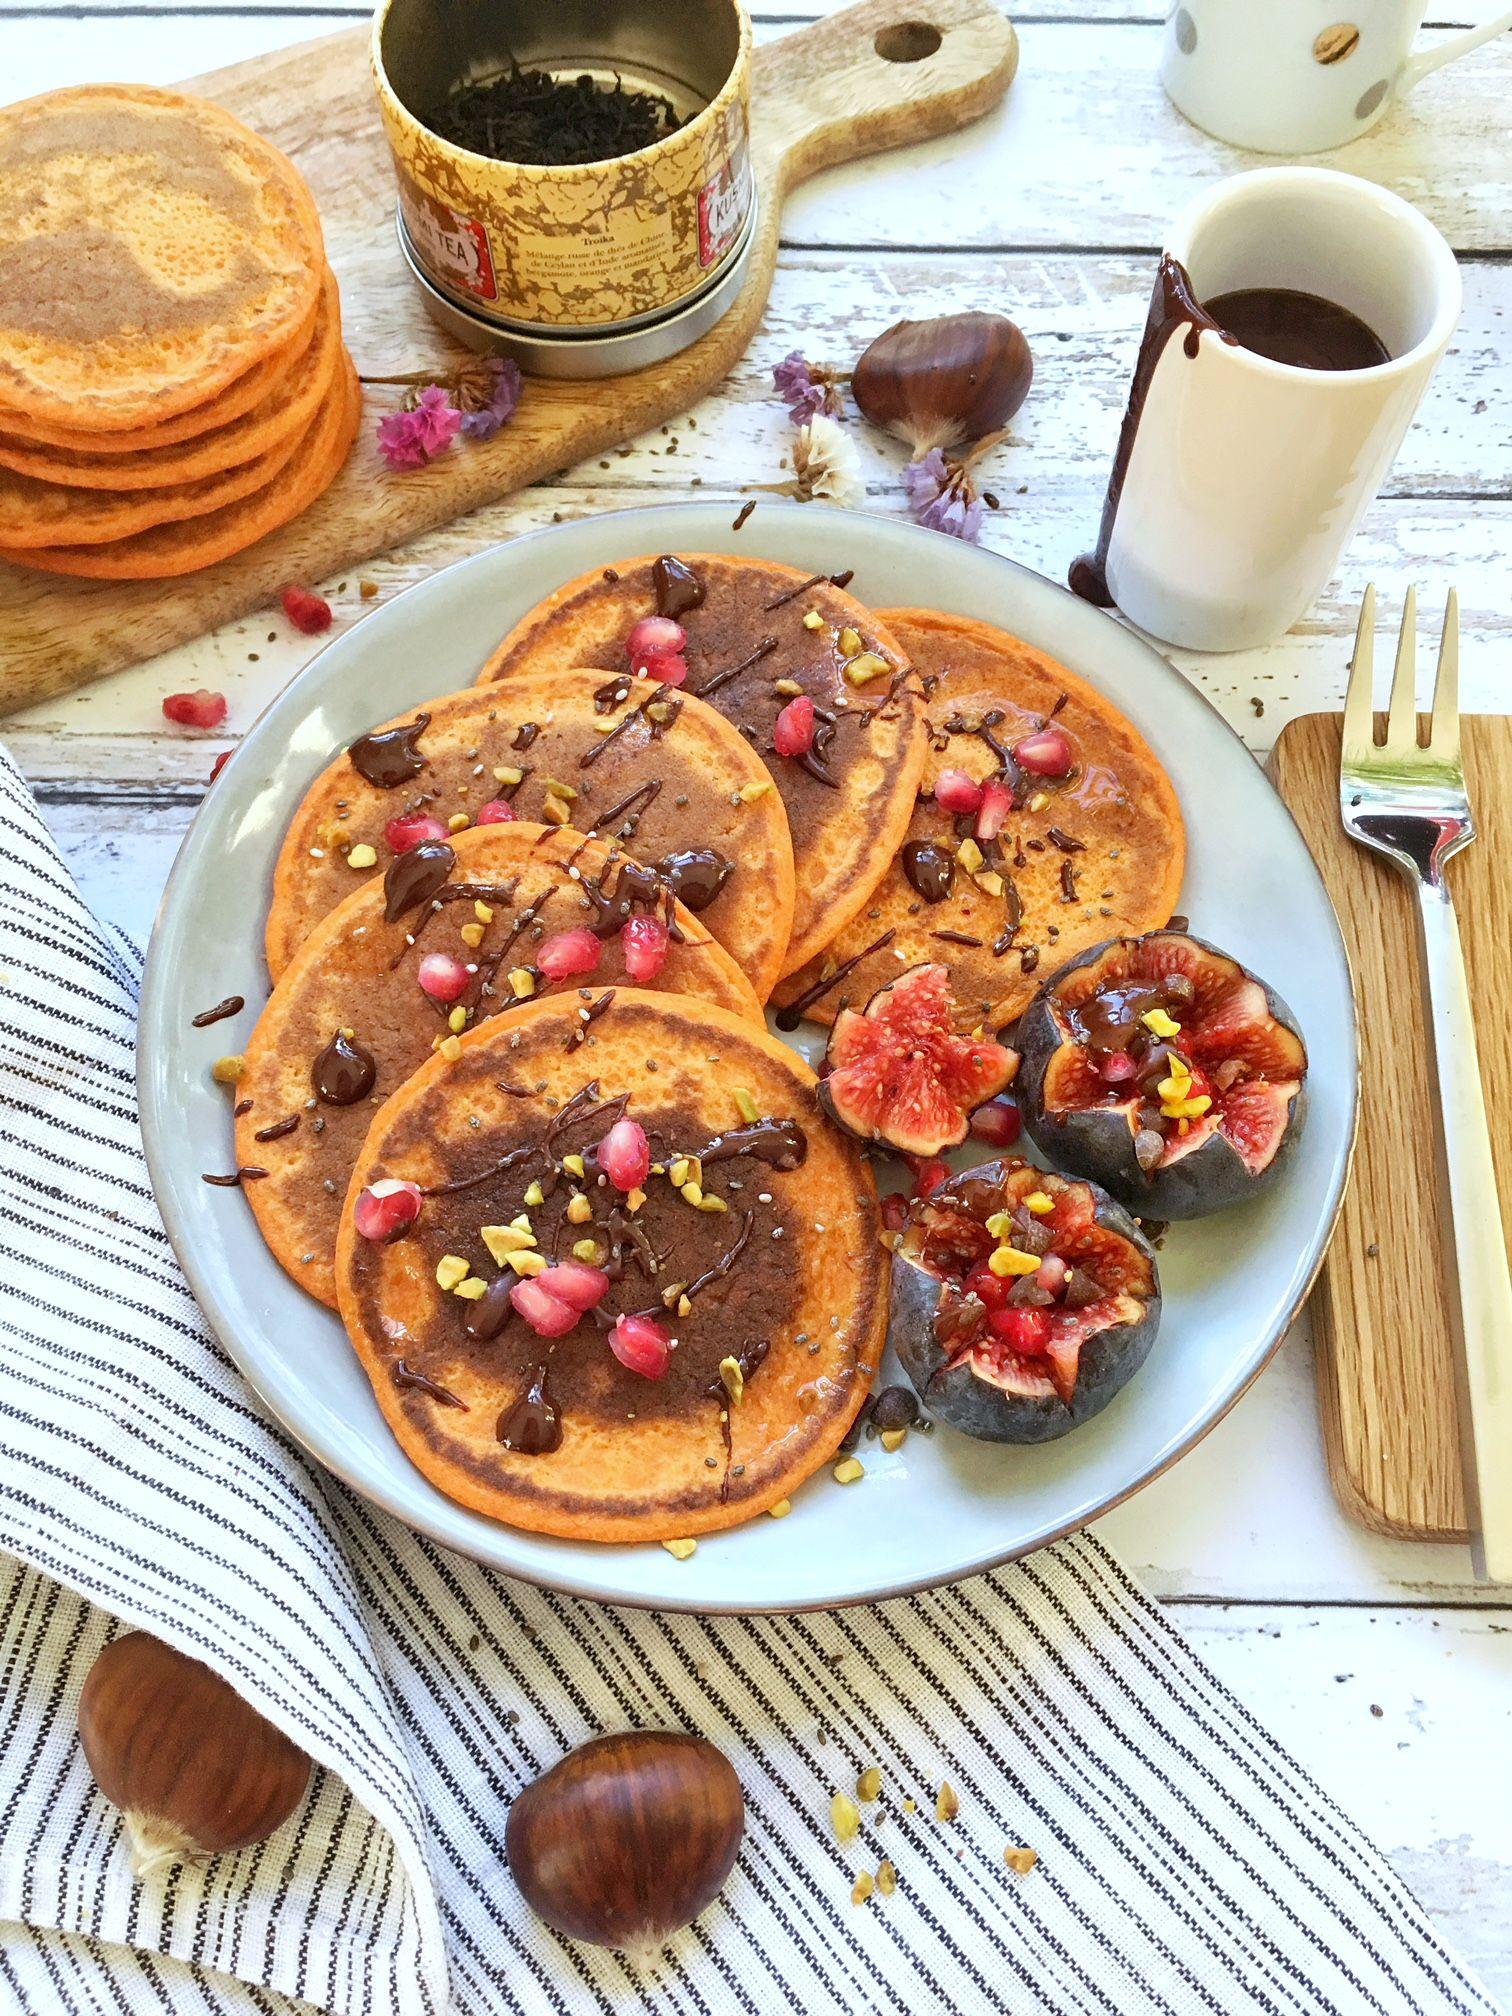 Des pancakes moelleux au potimarron et aux épices hyper gourmands servit avec du chocolat fondu et du sirop d'érable.